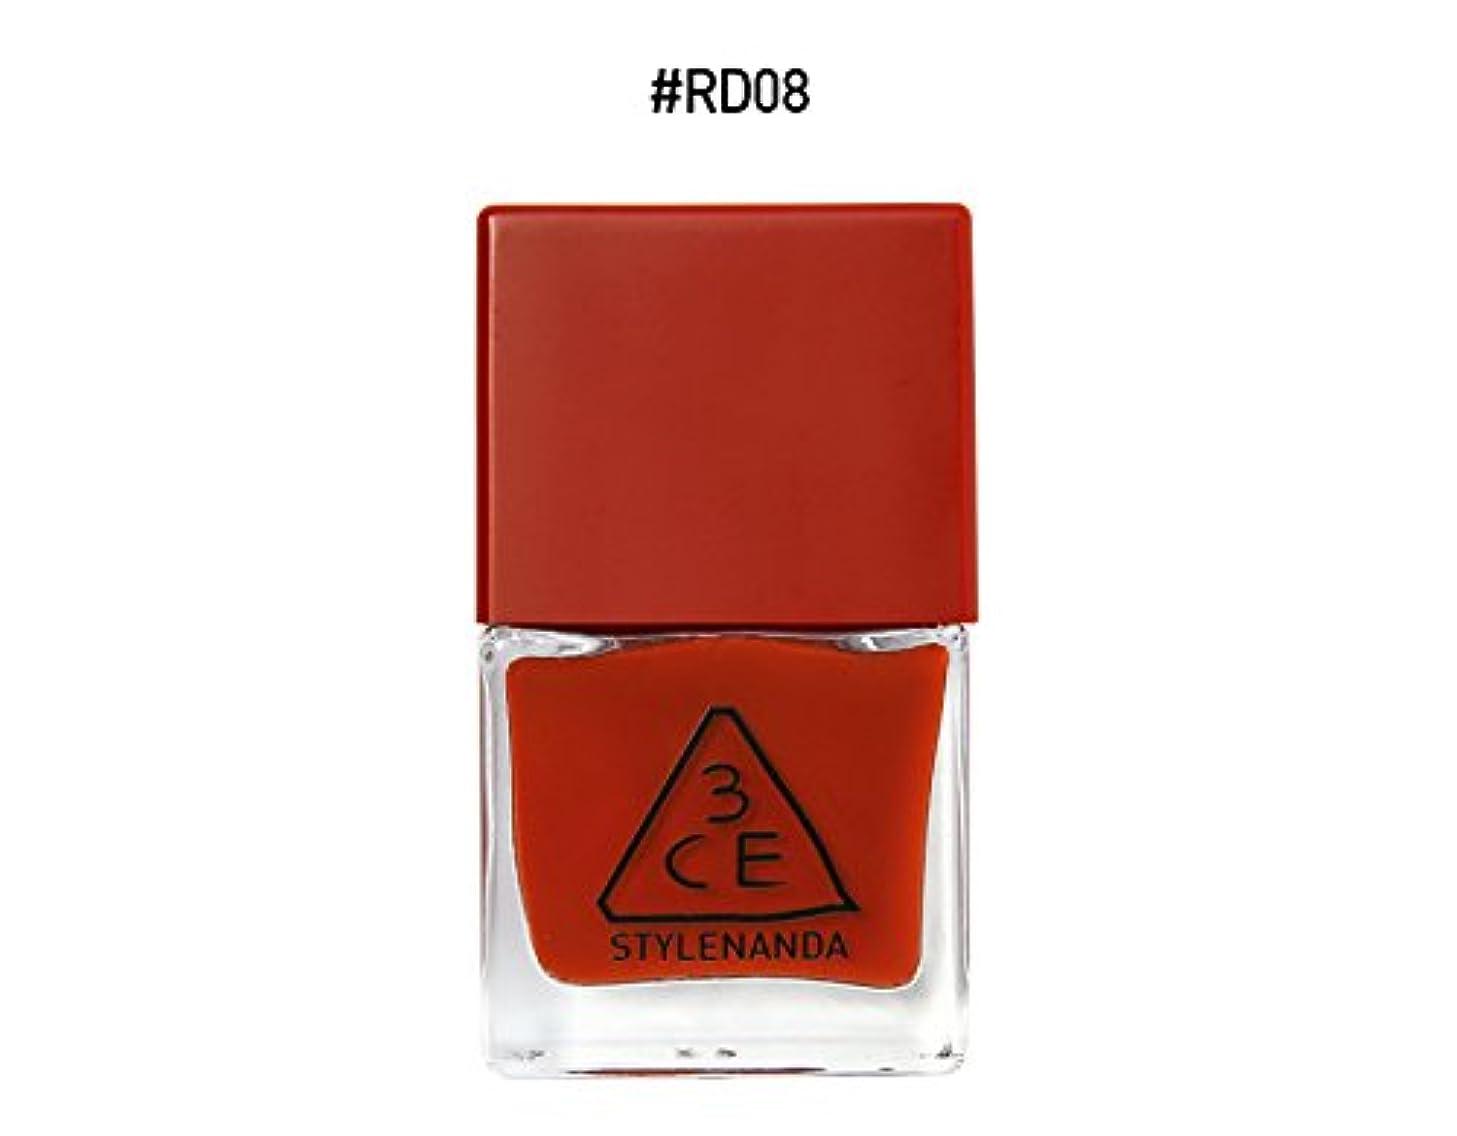 知らせる偽装する程度3CE RED RECIPE LONG LASTING NAIL LACQUER/レッドレシピ ロングラスティング ネイルラッカー (RD08) [並行輸入品]